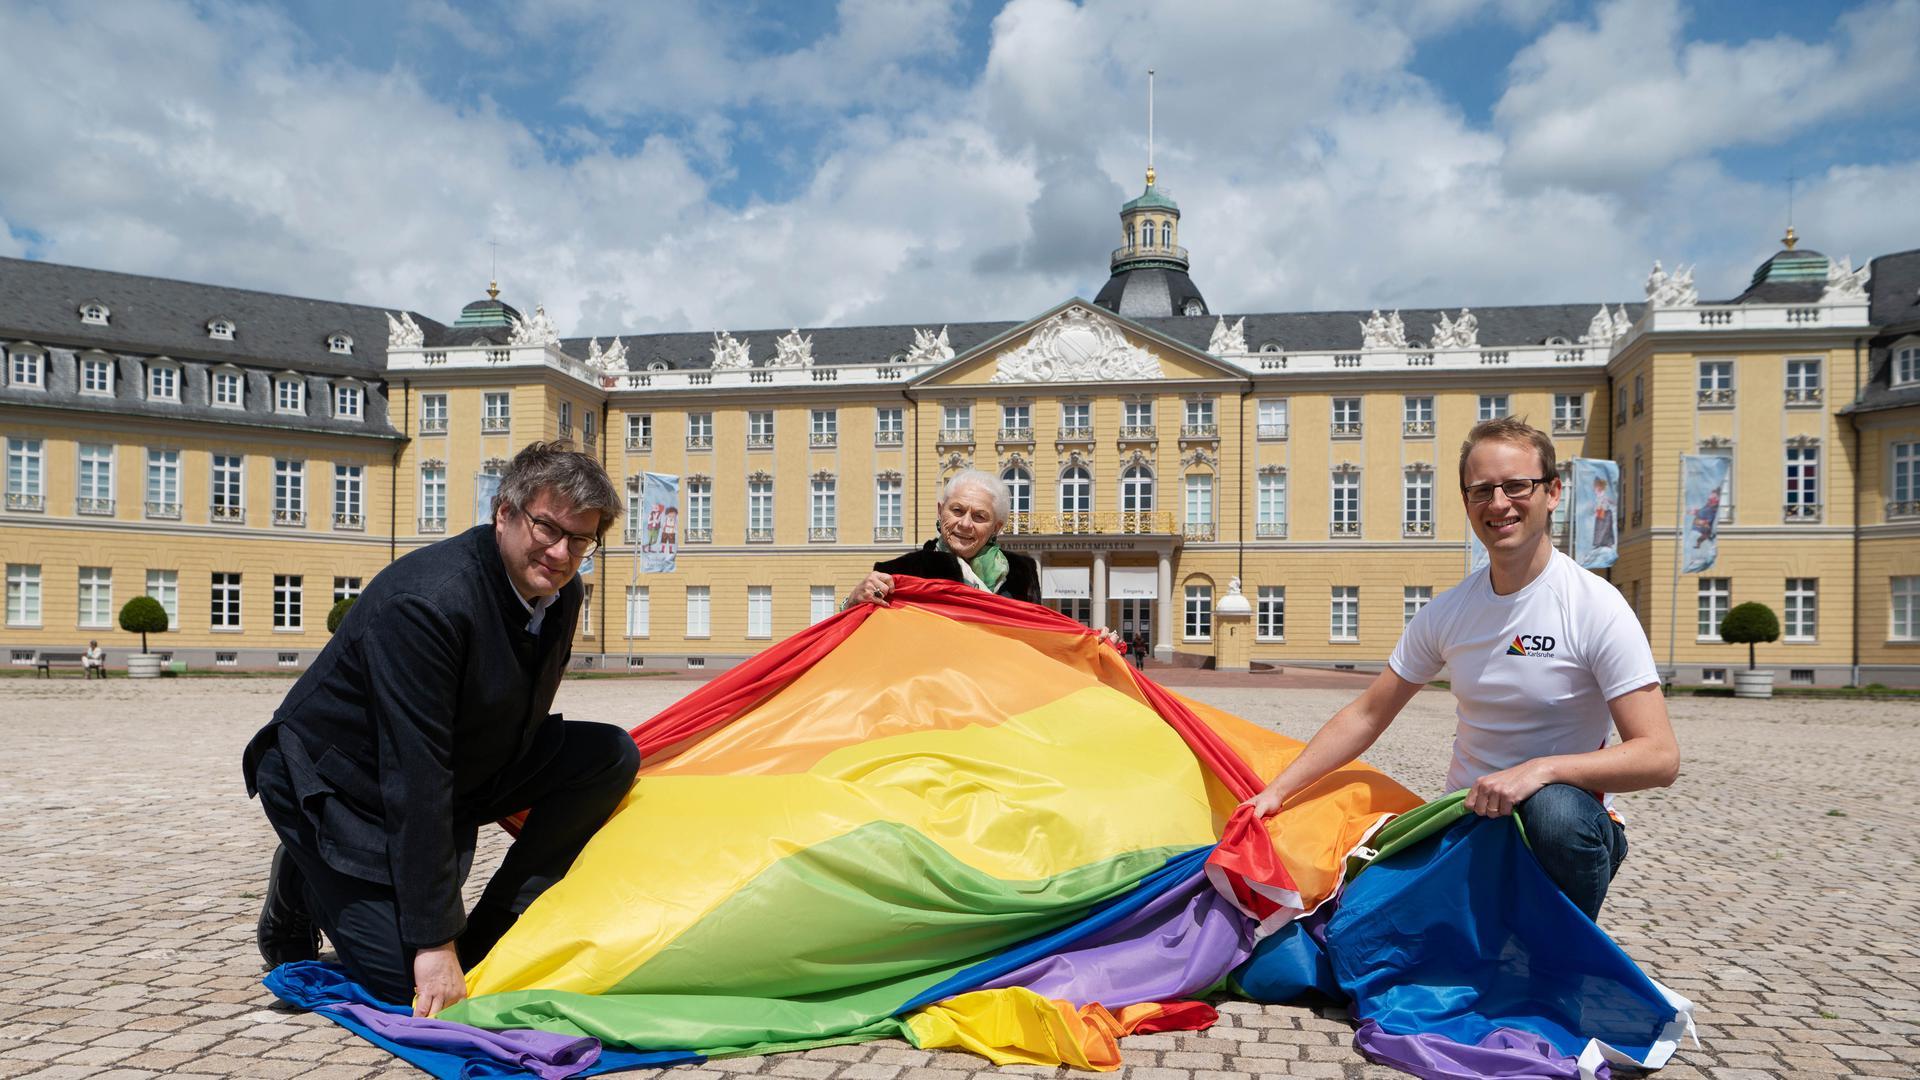 Am 5. Juni hisst das Badische Landesmuseum wieder die Regenbogenflagge auf dem Karlsruher Schlossturm. Gerlinde Hämmerle (Mitte) ist Schirmherrin des diesjährigen Christopher Street Days und hier mit Museumsdirektor Eckart Köhne und CSD-Organisator Karsten Kremer zu sehen.